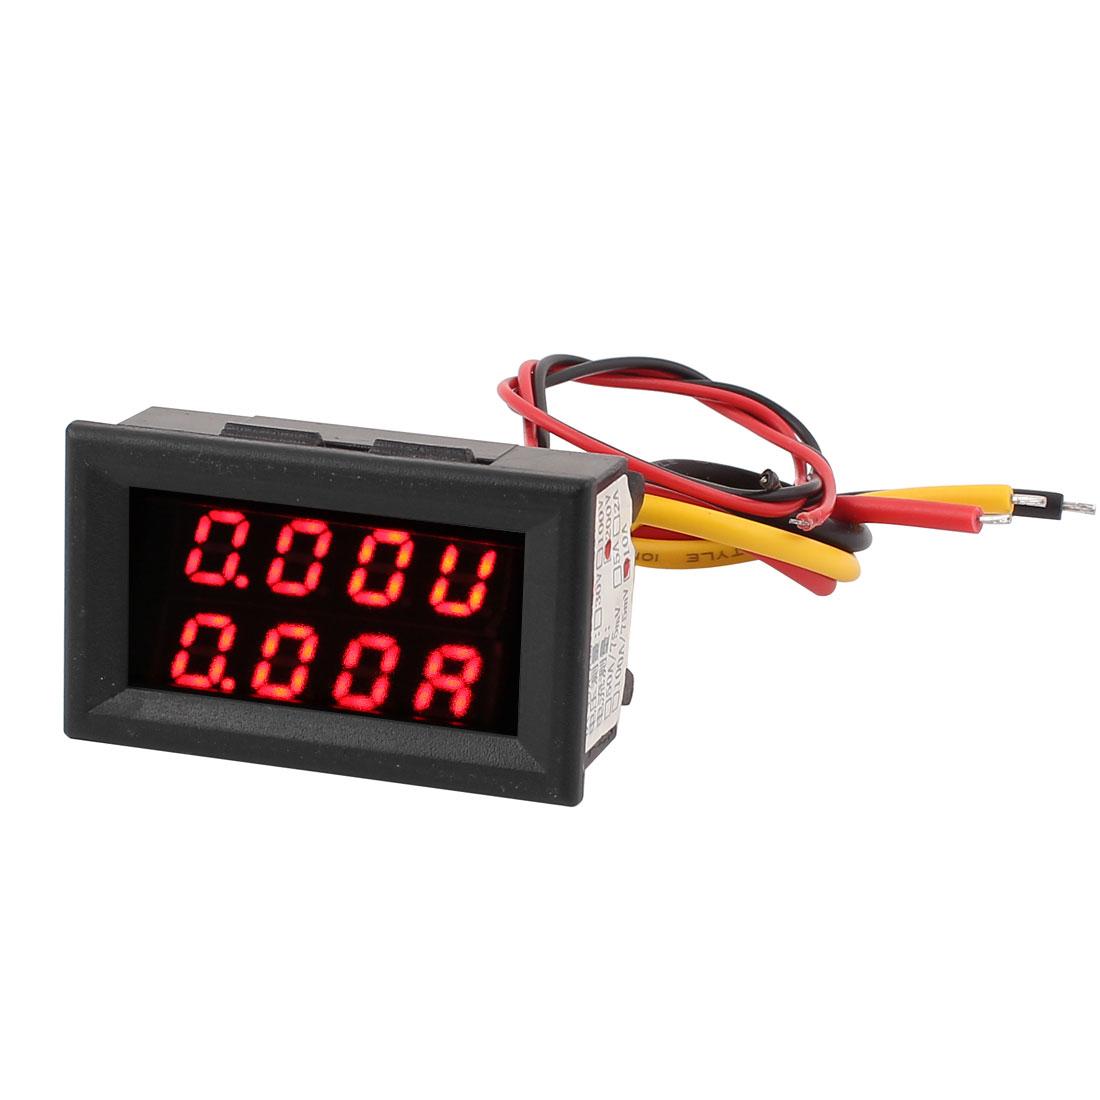 DC 0-200V 0-10A Dual LED Digital Mobile Battery Tester Voltage Current Meter